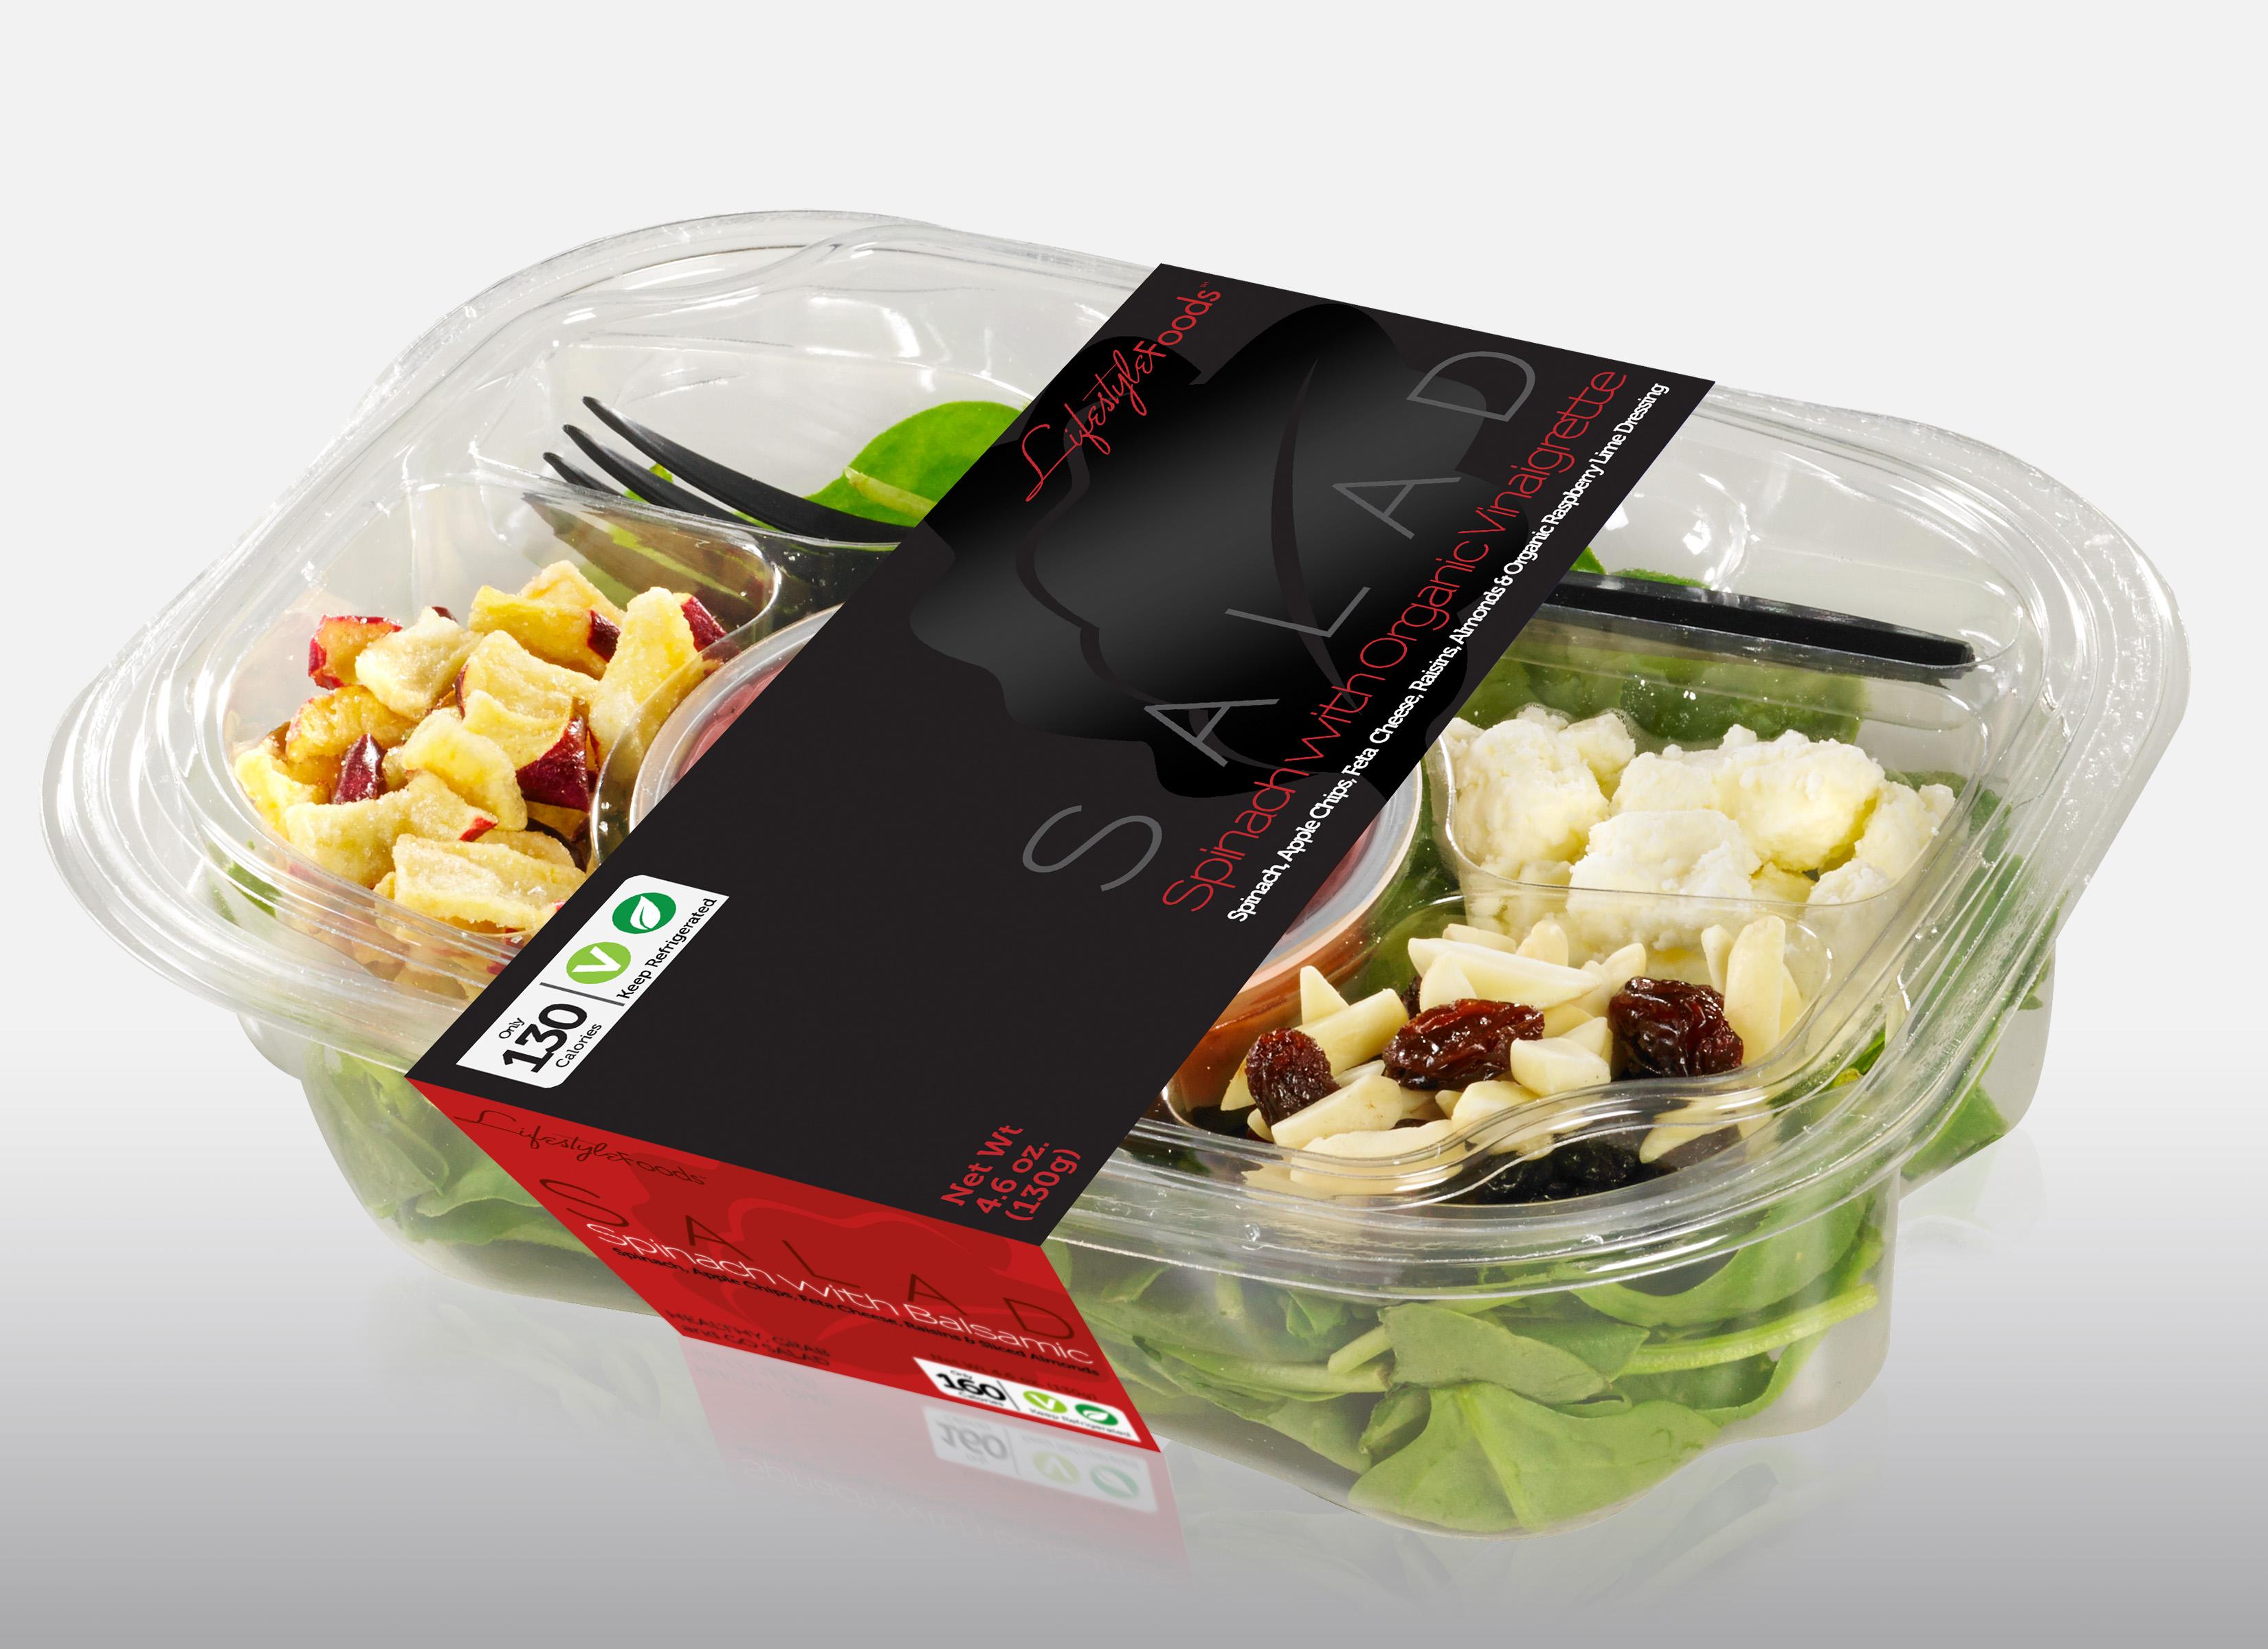 Rezultate imazhesh për paked salad